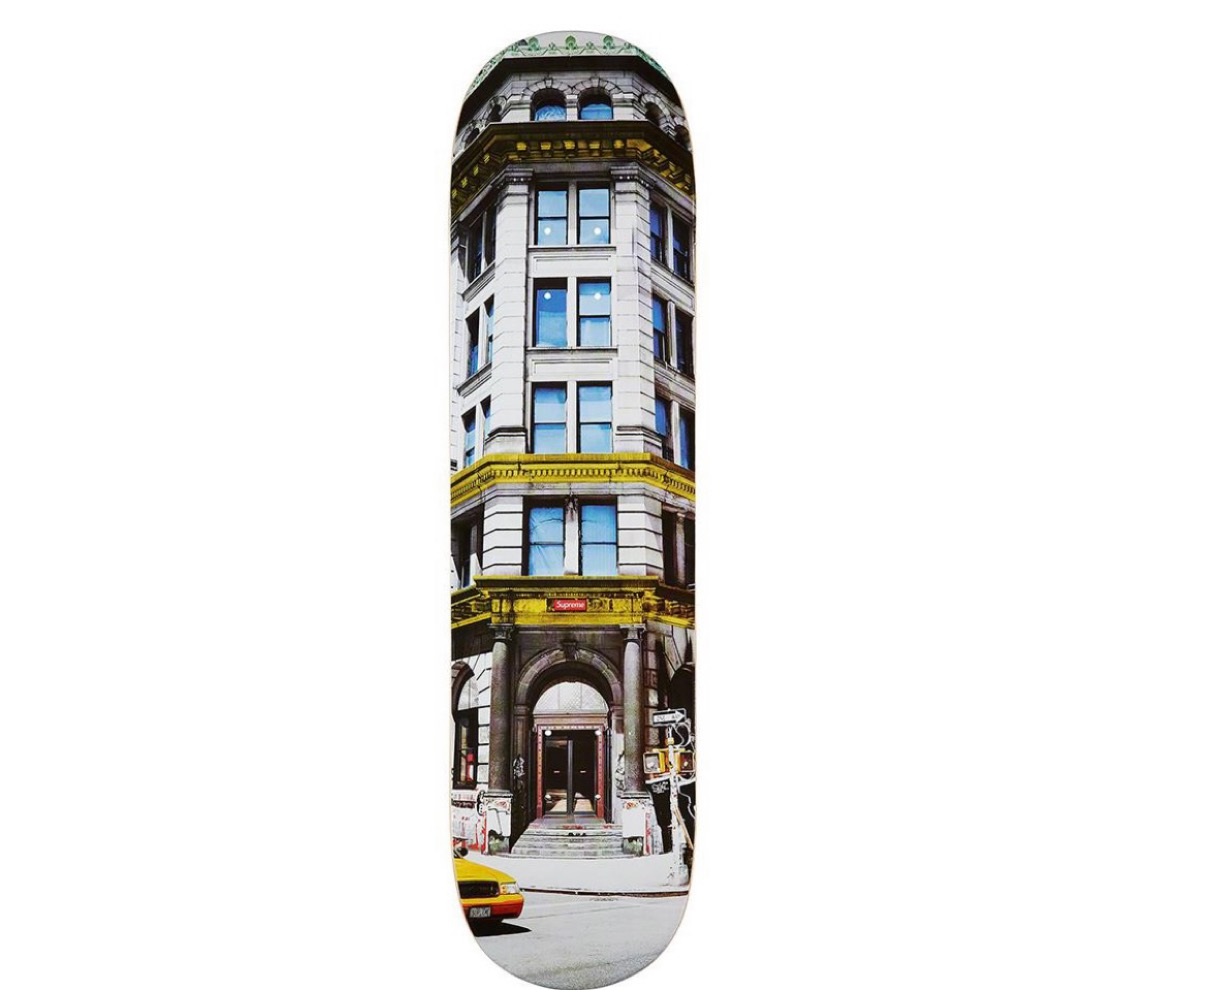 190 Bowery Skateboard シュプリーム 2021年 春夏 新作 Supreme-2021ss-week-1